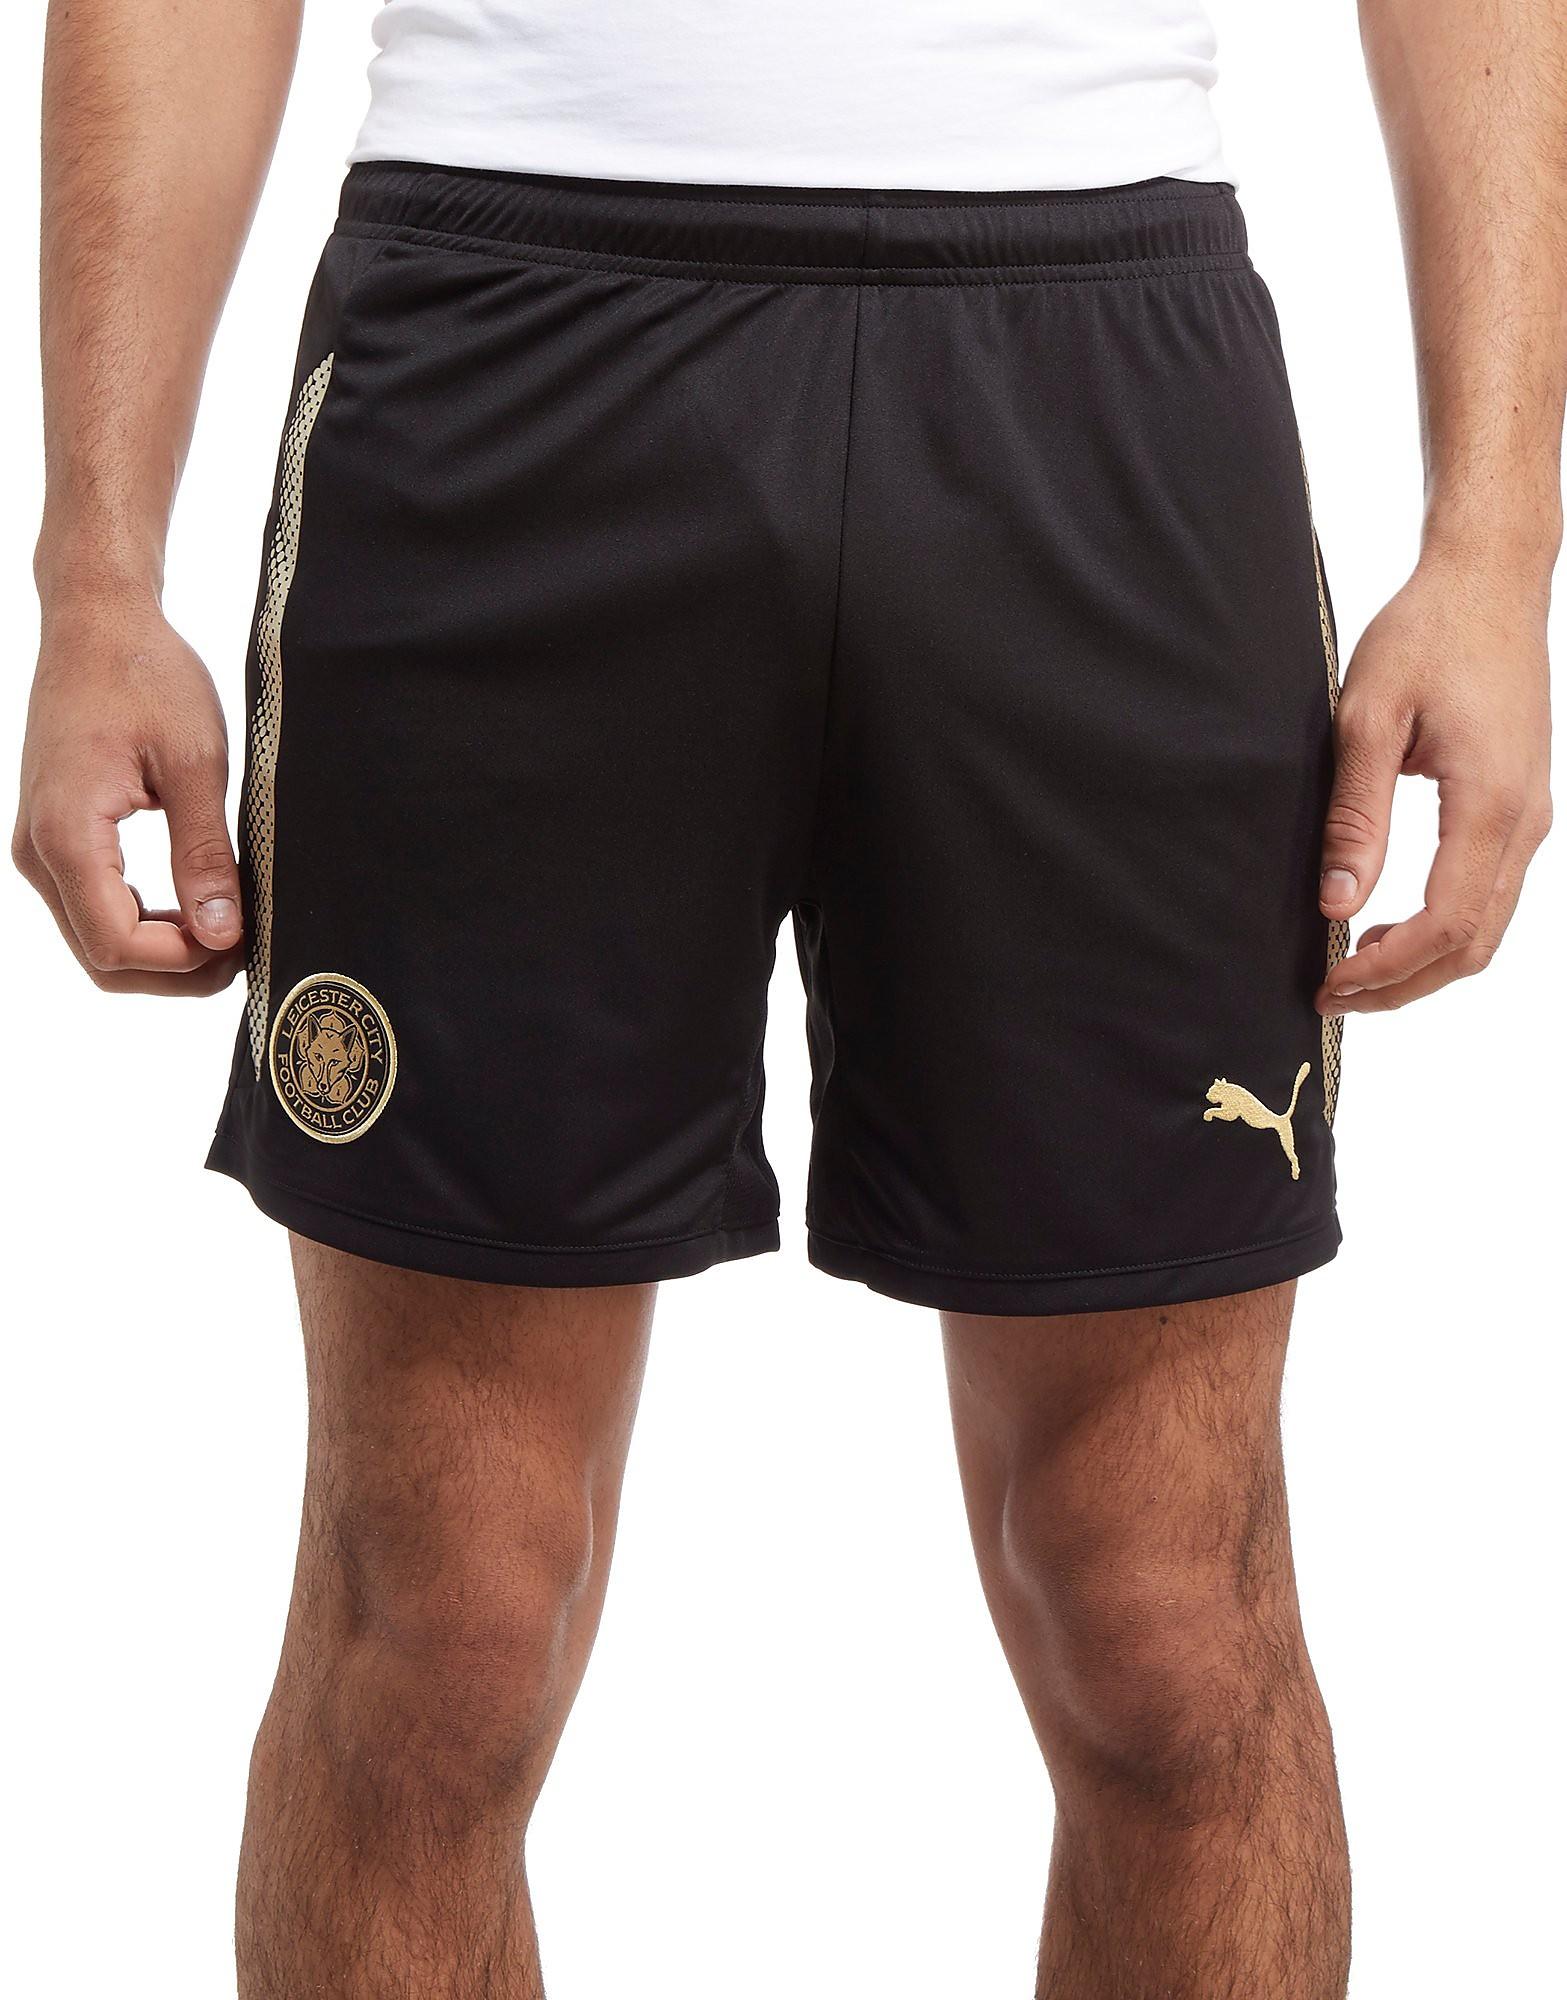 PUMA pantalón corto Leicester City 2017/18 2.ª equipación